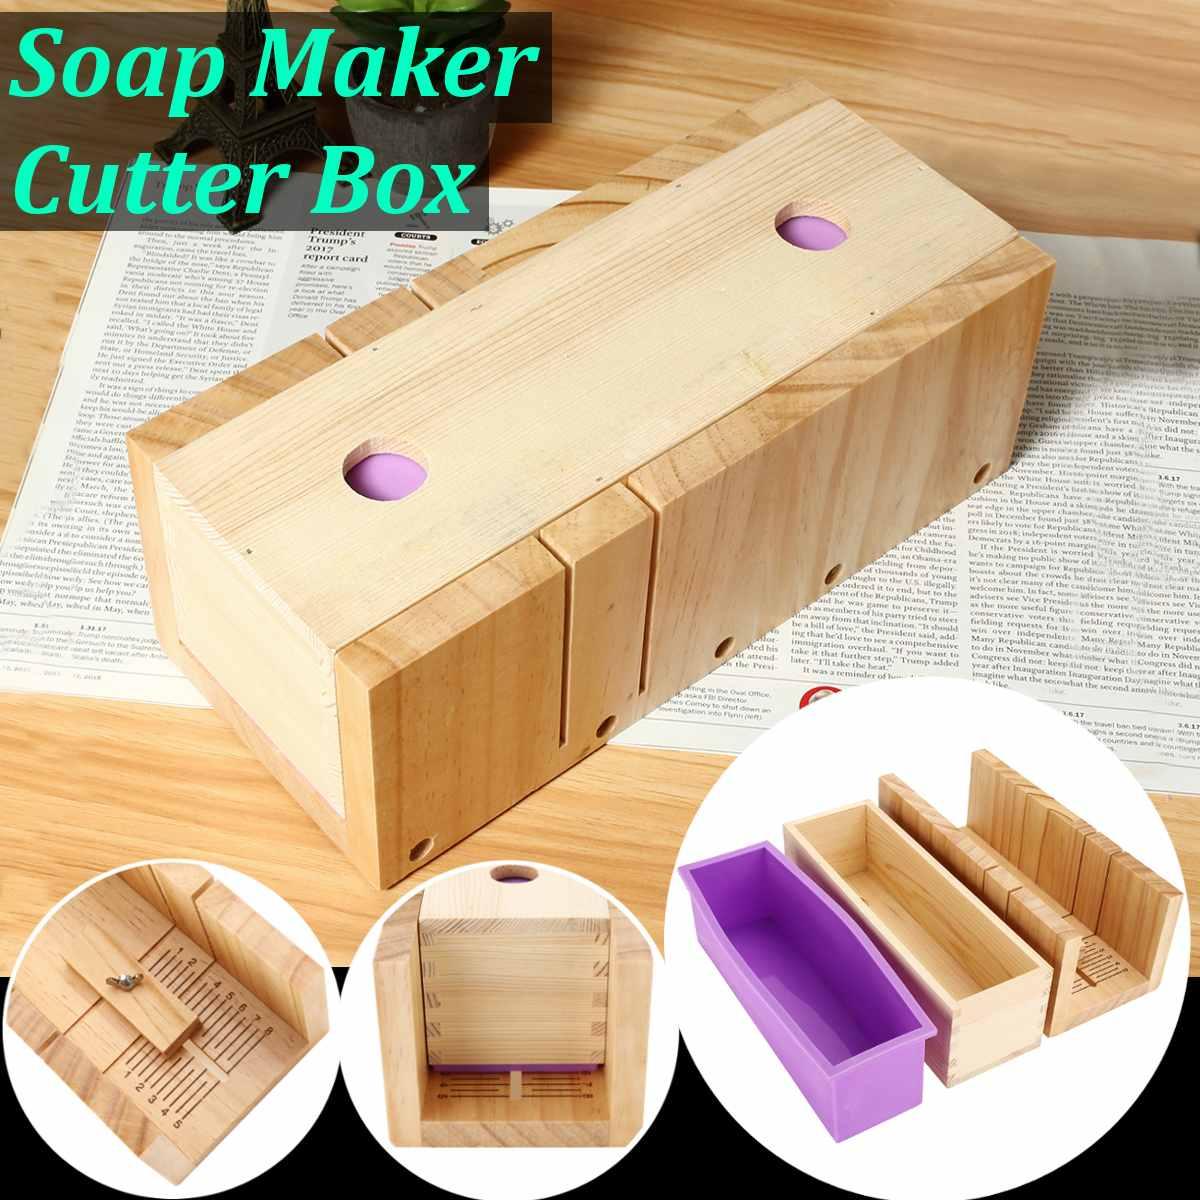 Мыло режущие инструменты Наборы регулируемый древесины каравай резак коробки DIY мыло ручной работы принятия поставки со шкалой и долбежные...